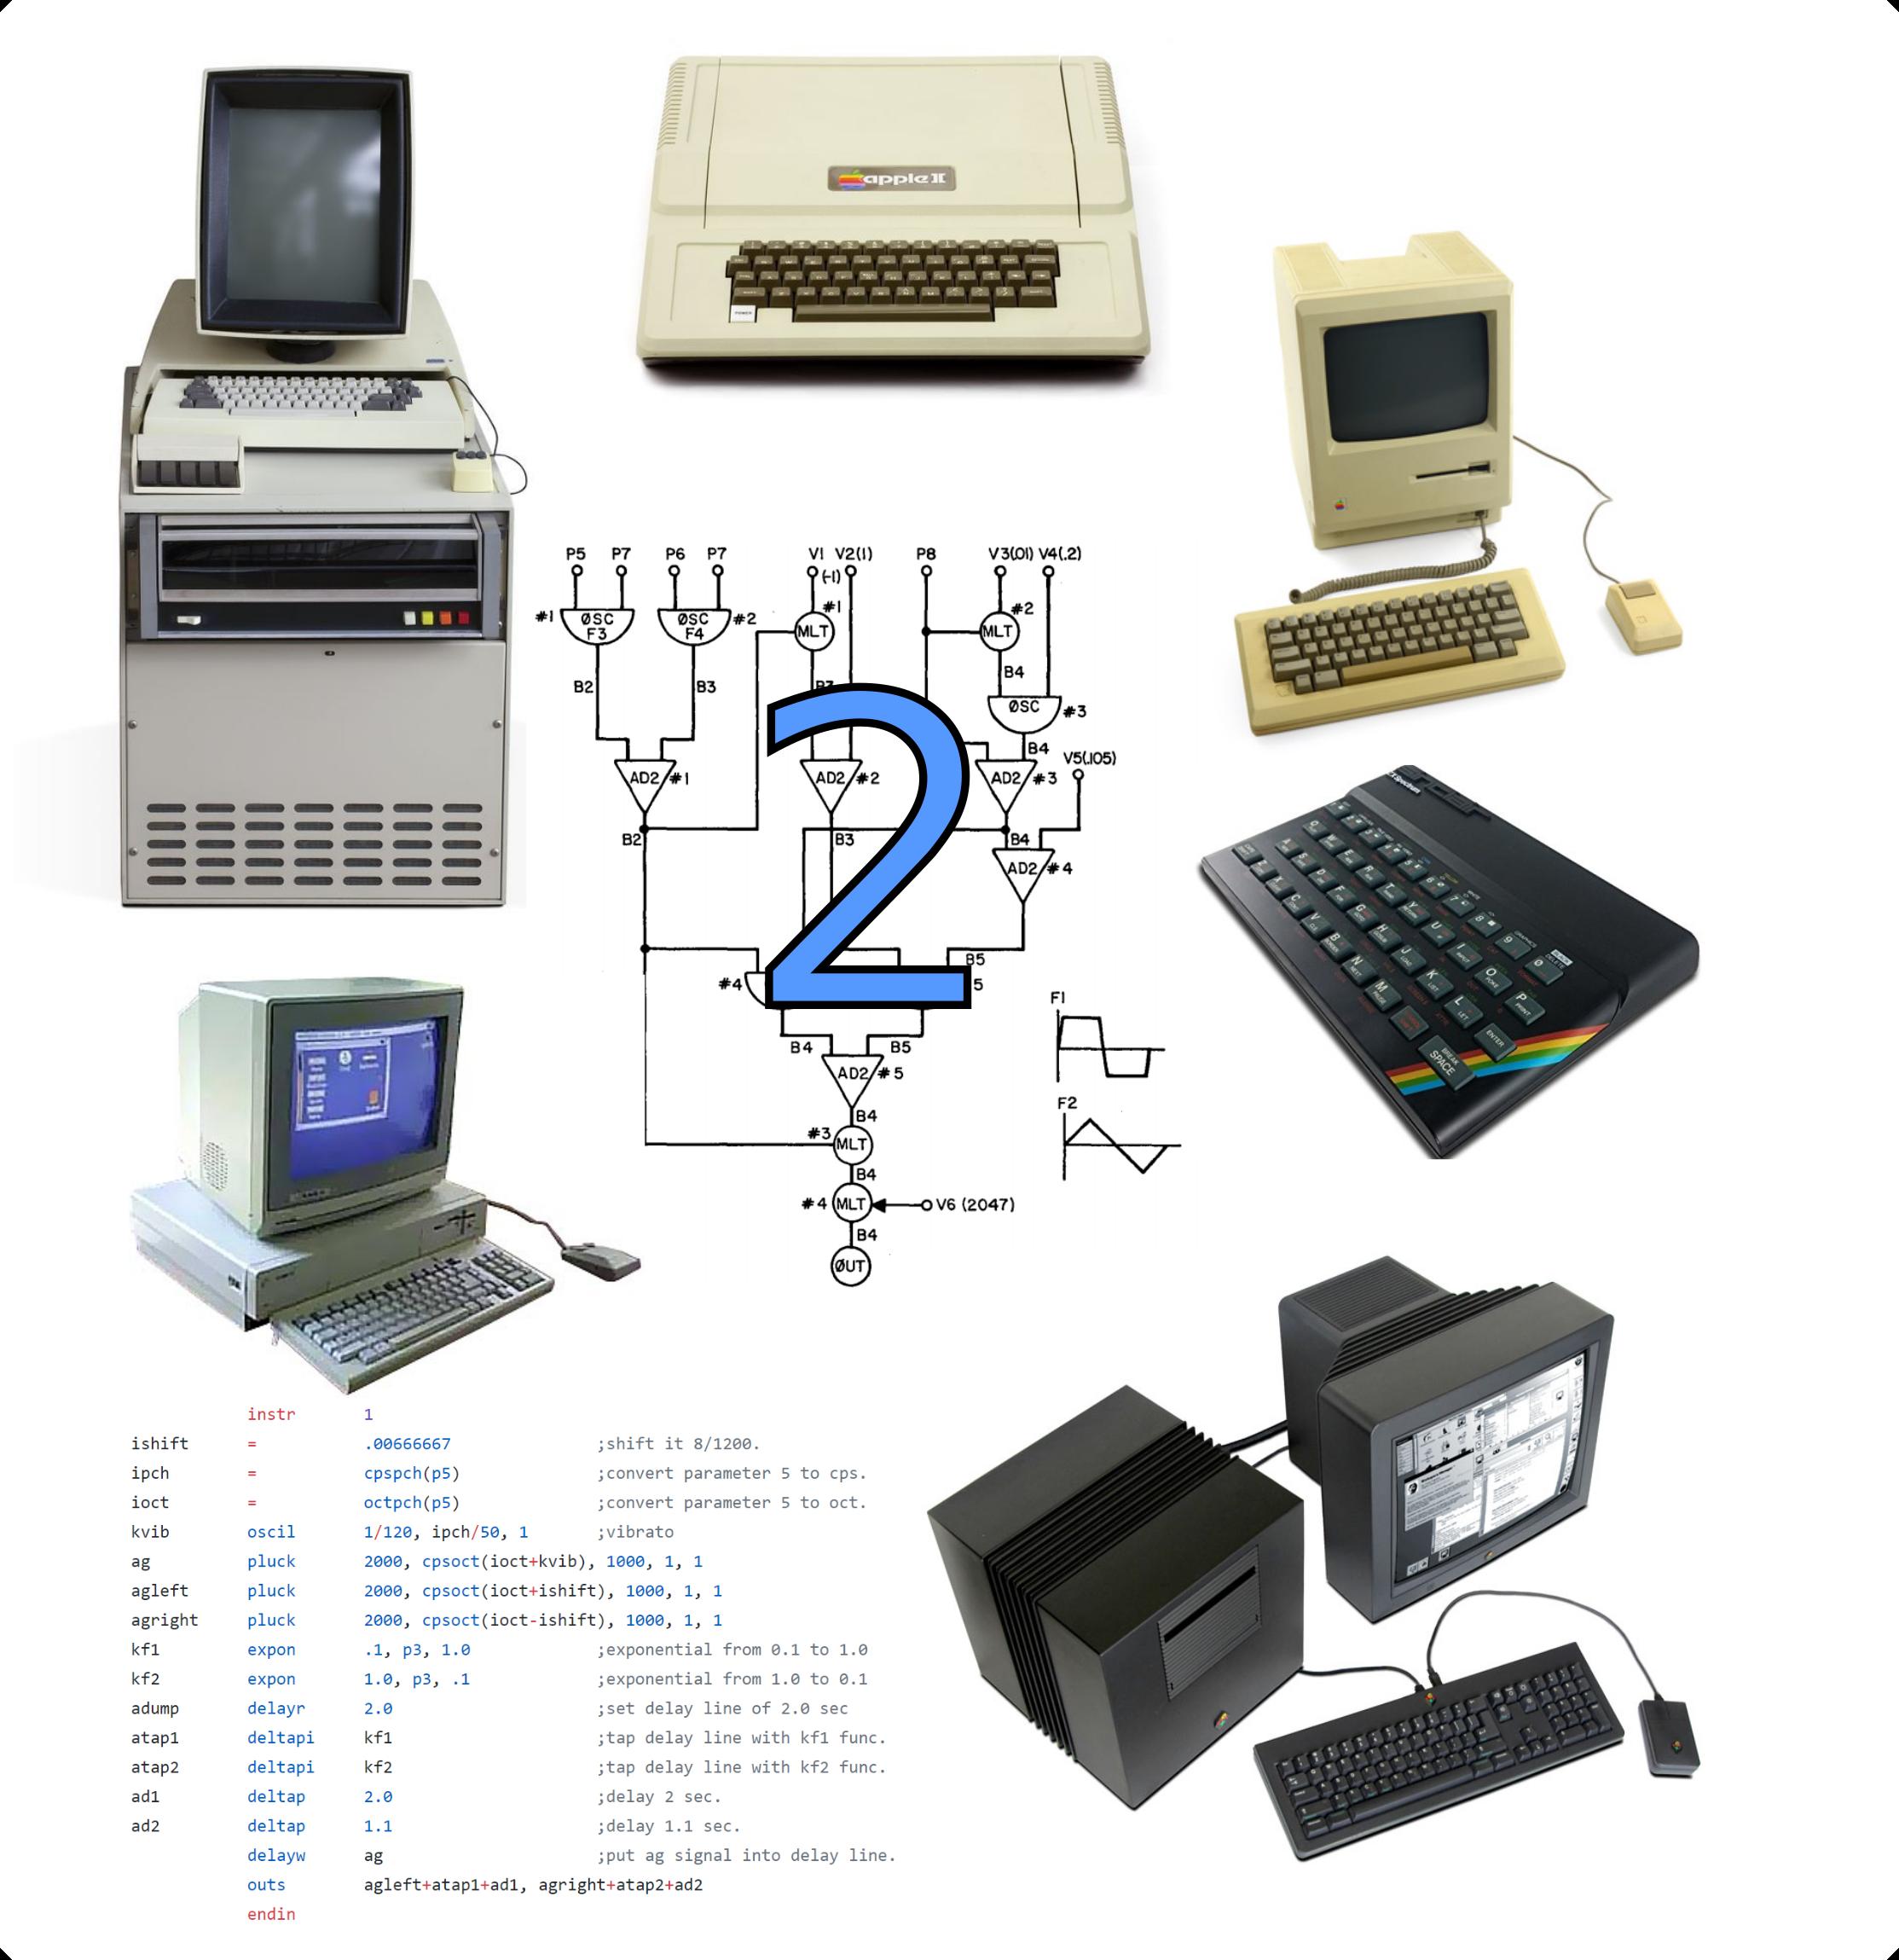 Программный синтез звука на ранних персональных компьютерах. Часть 2